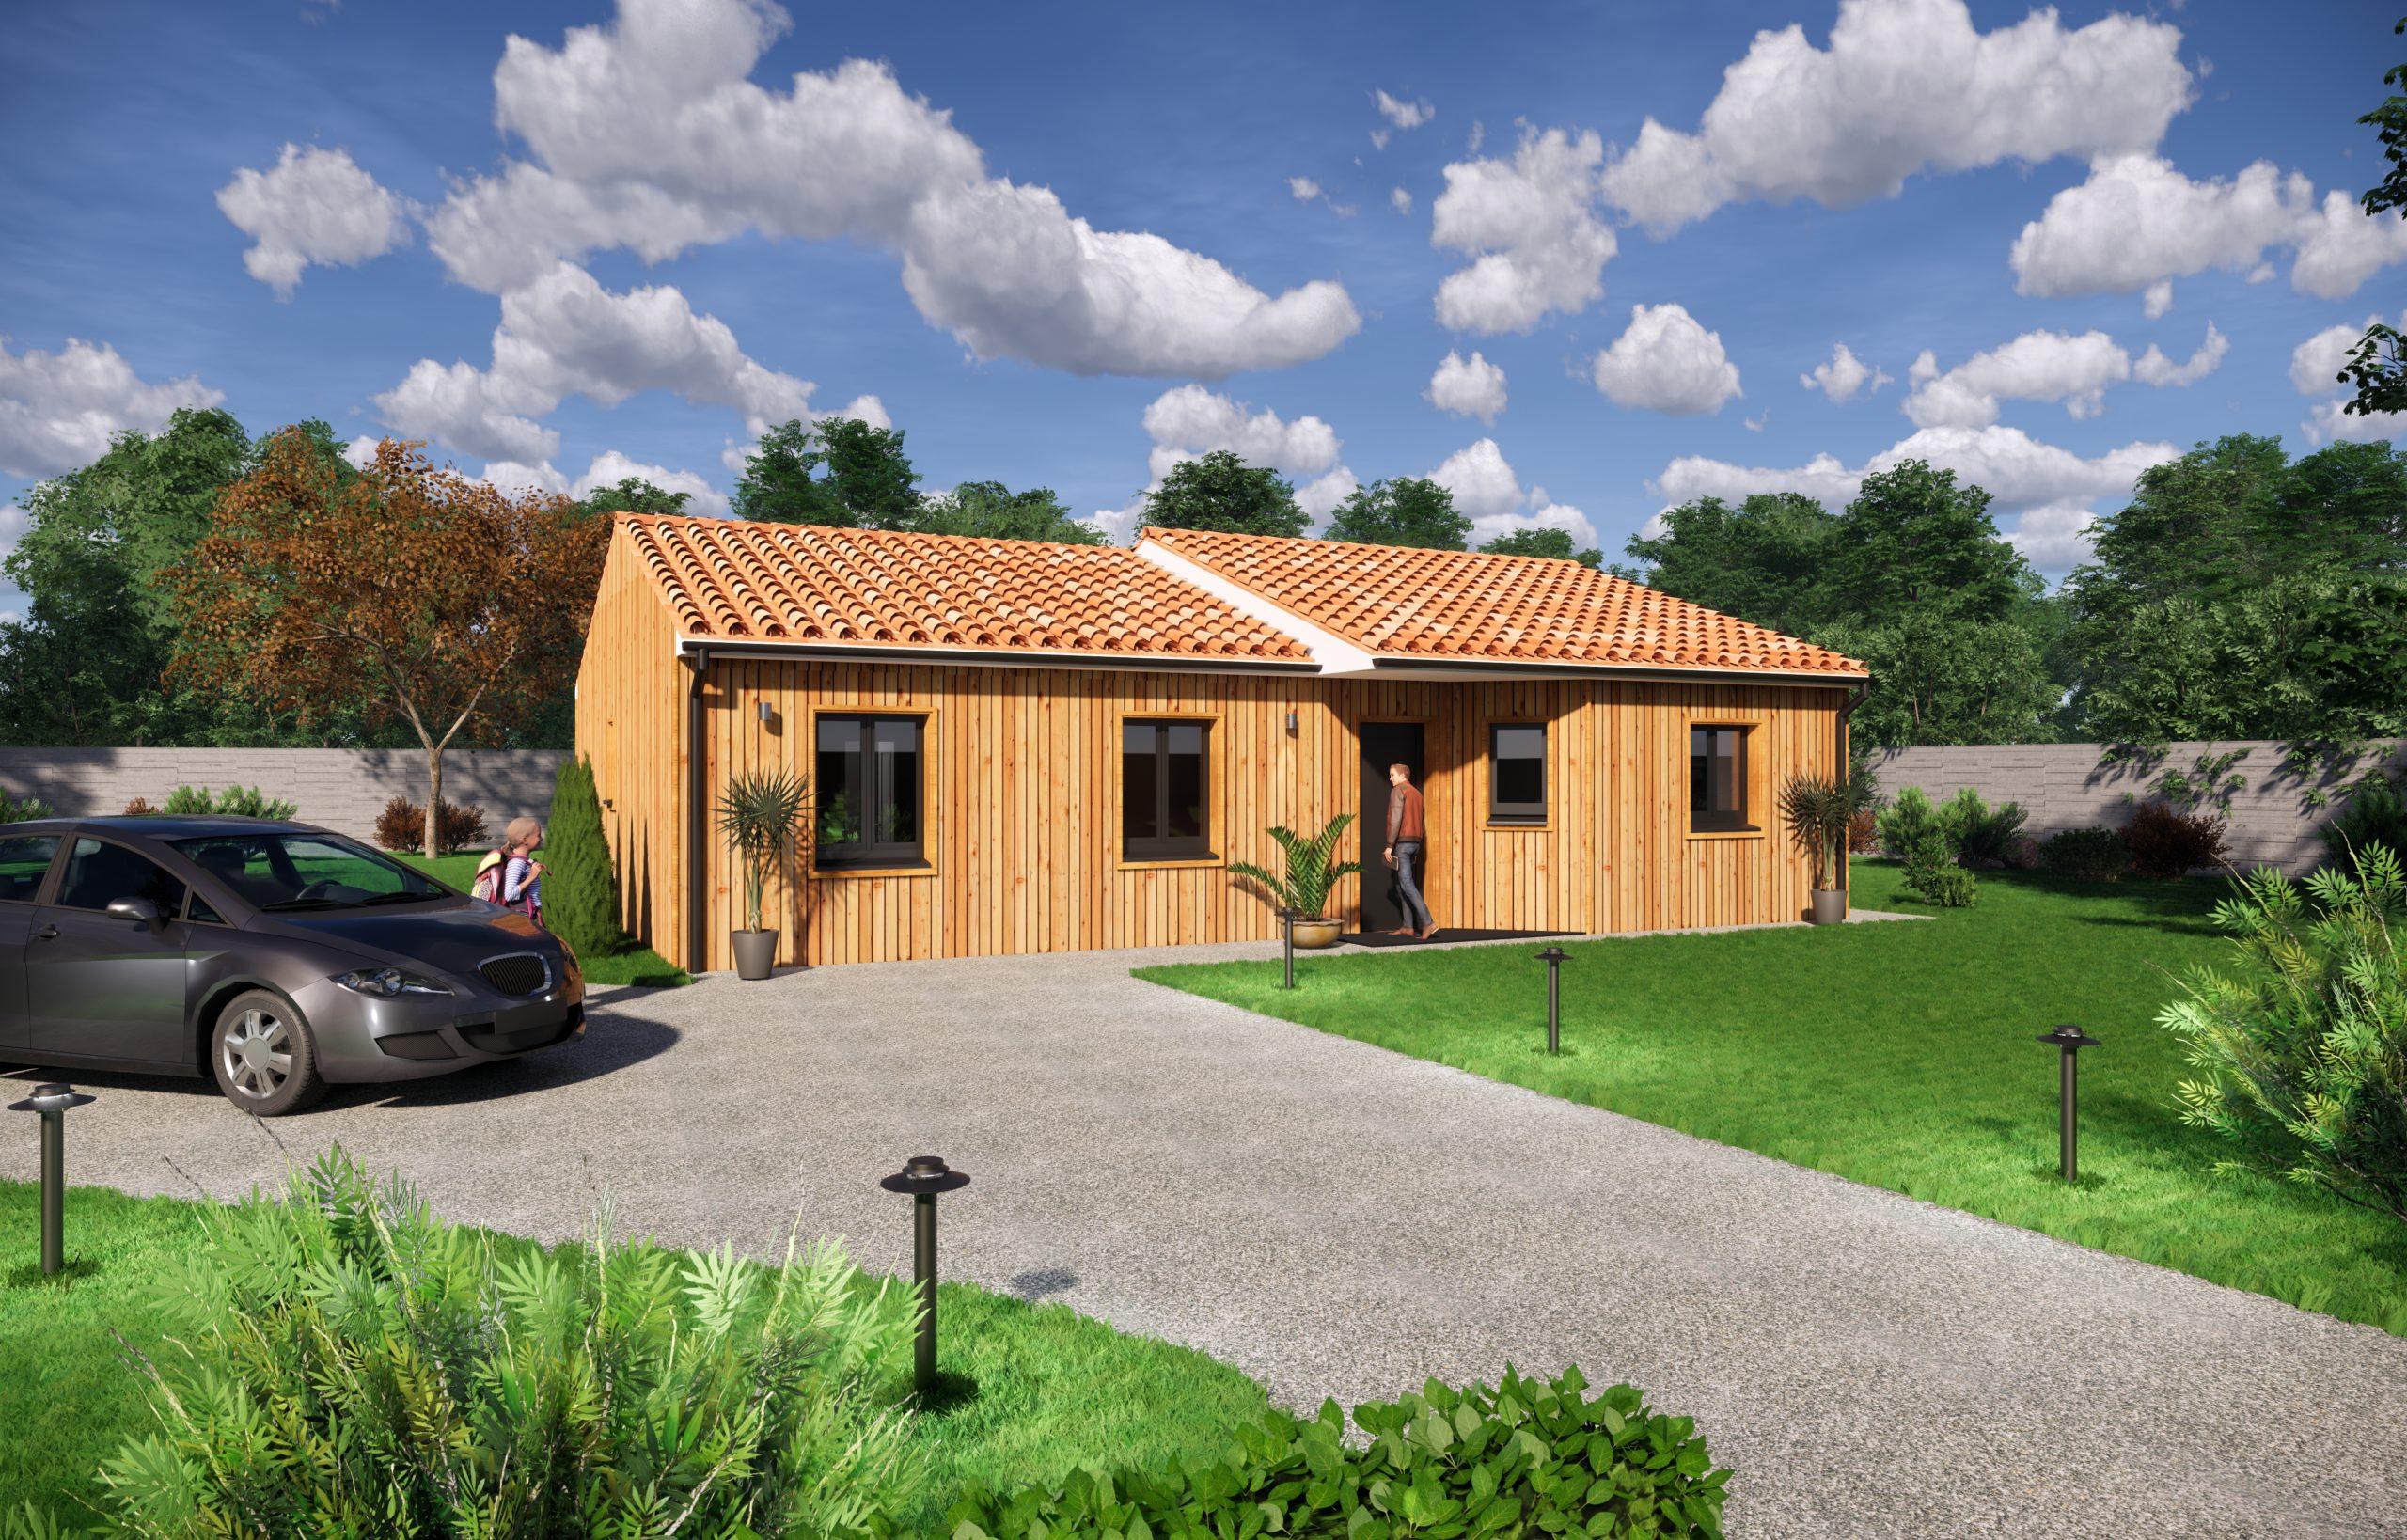 mérion-Périgord-maisons-bois-constructeur-maisons-individuelles-à-ossature-bois-dordogne-gironde-lot-corrèze-quetzal